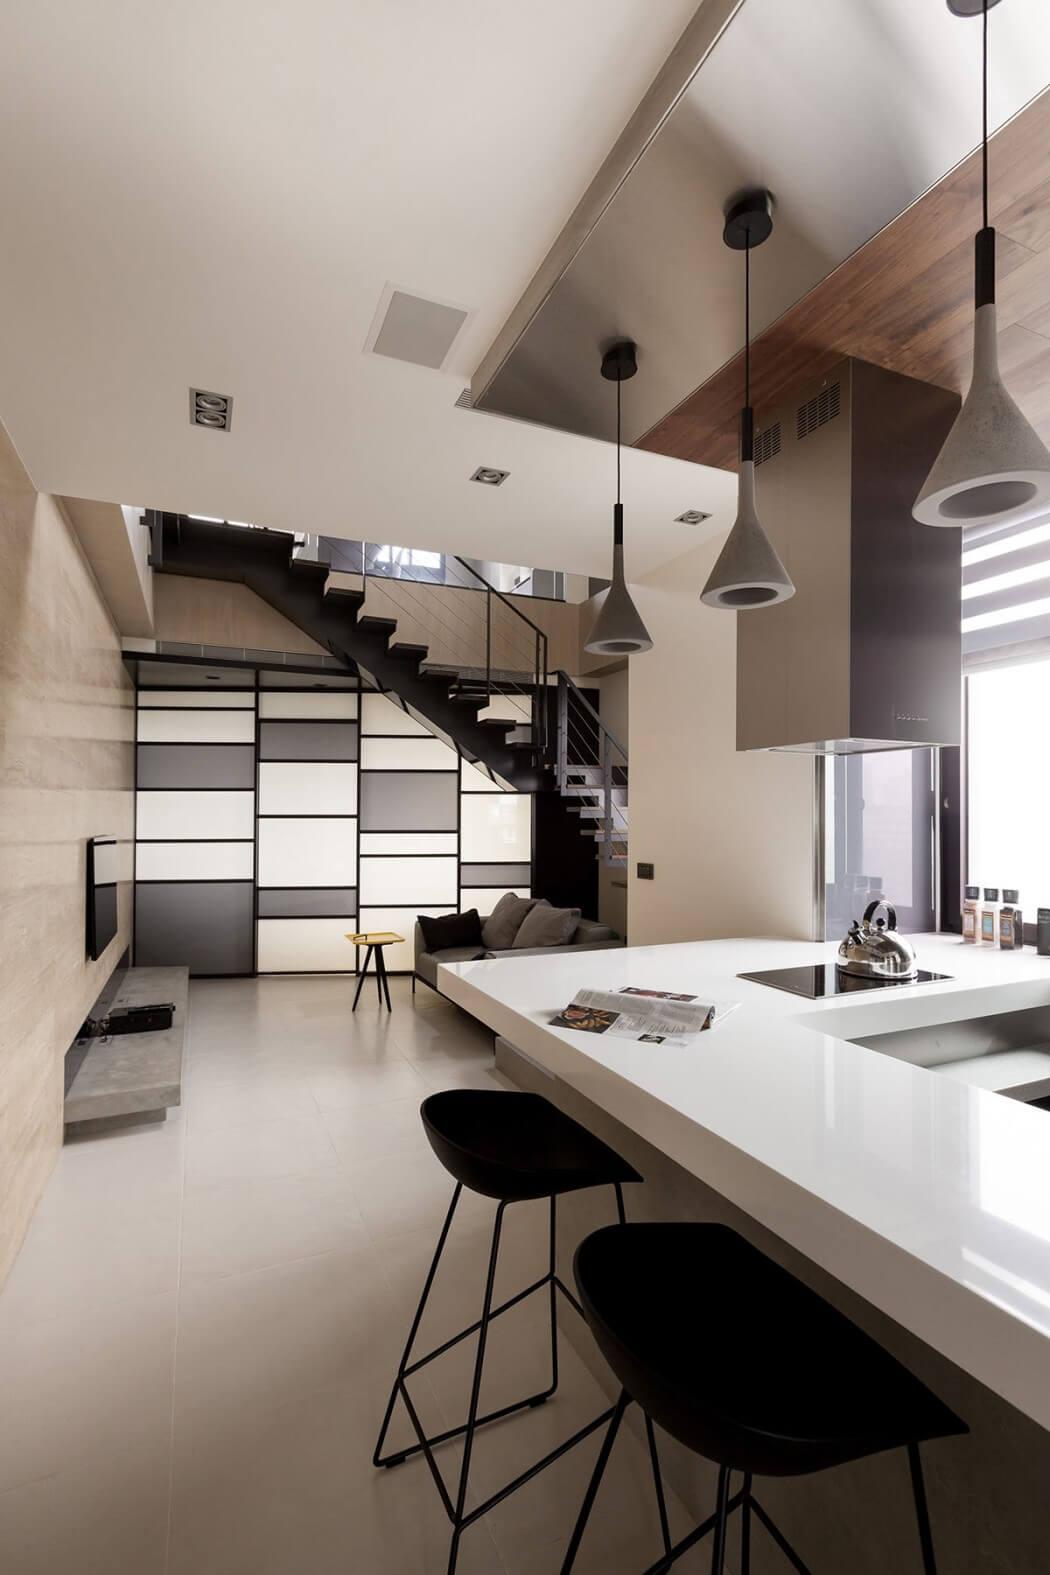 simply modern - the lo residencelcga design in taiwan